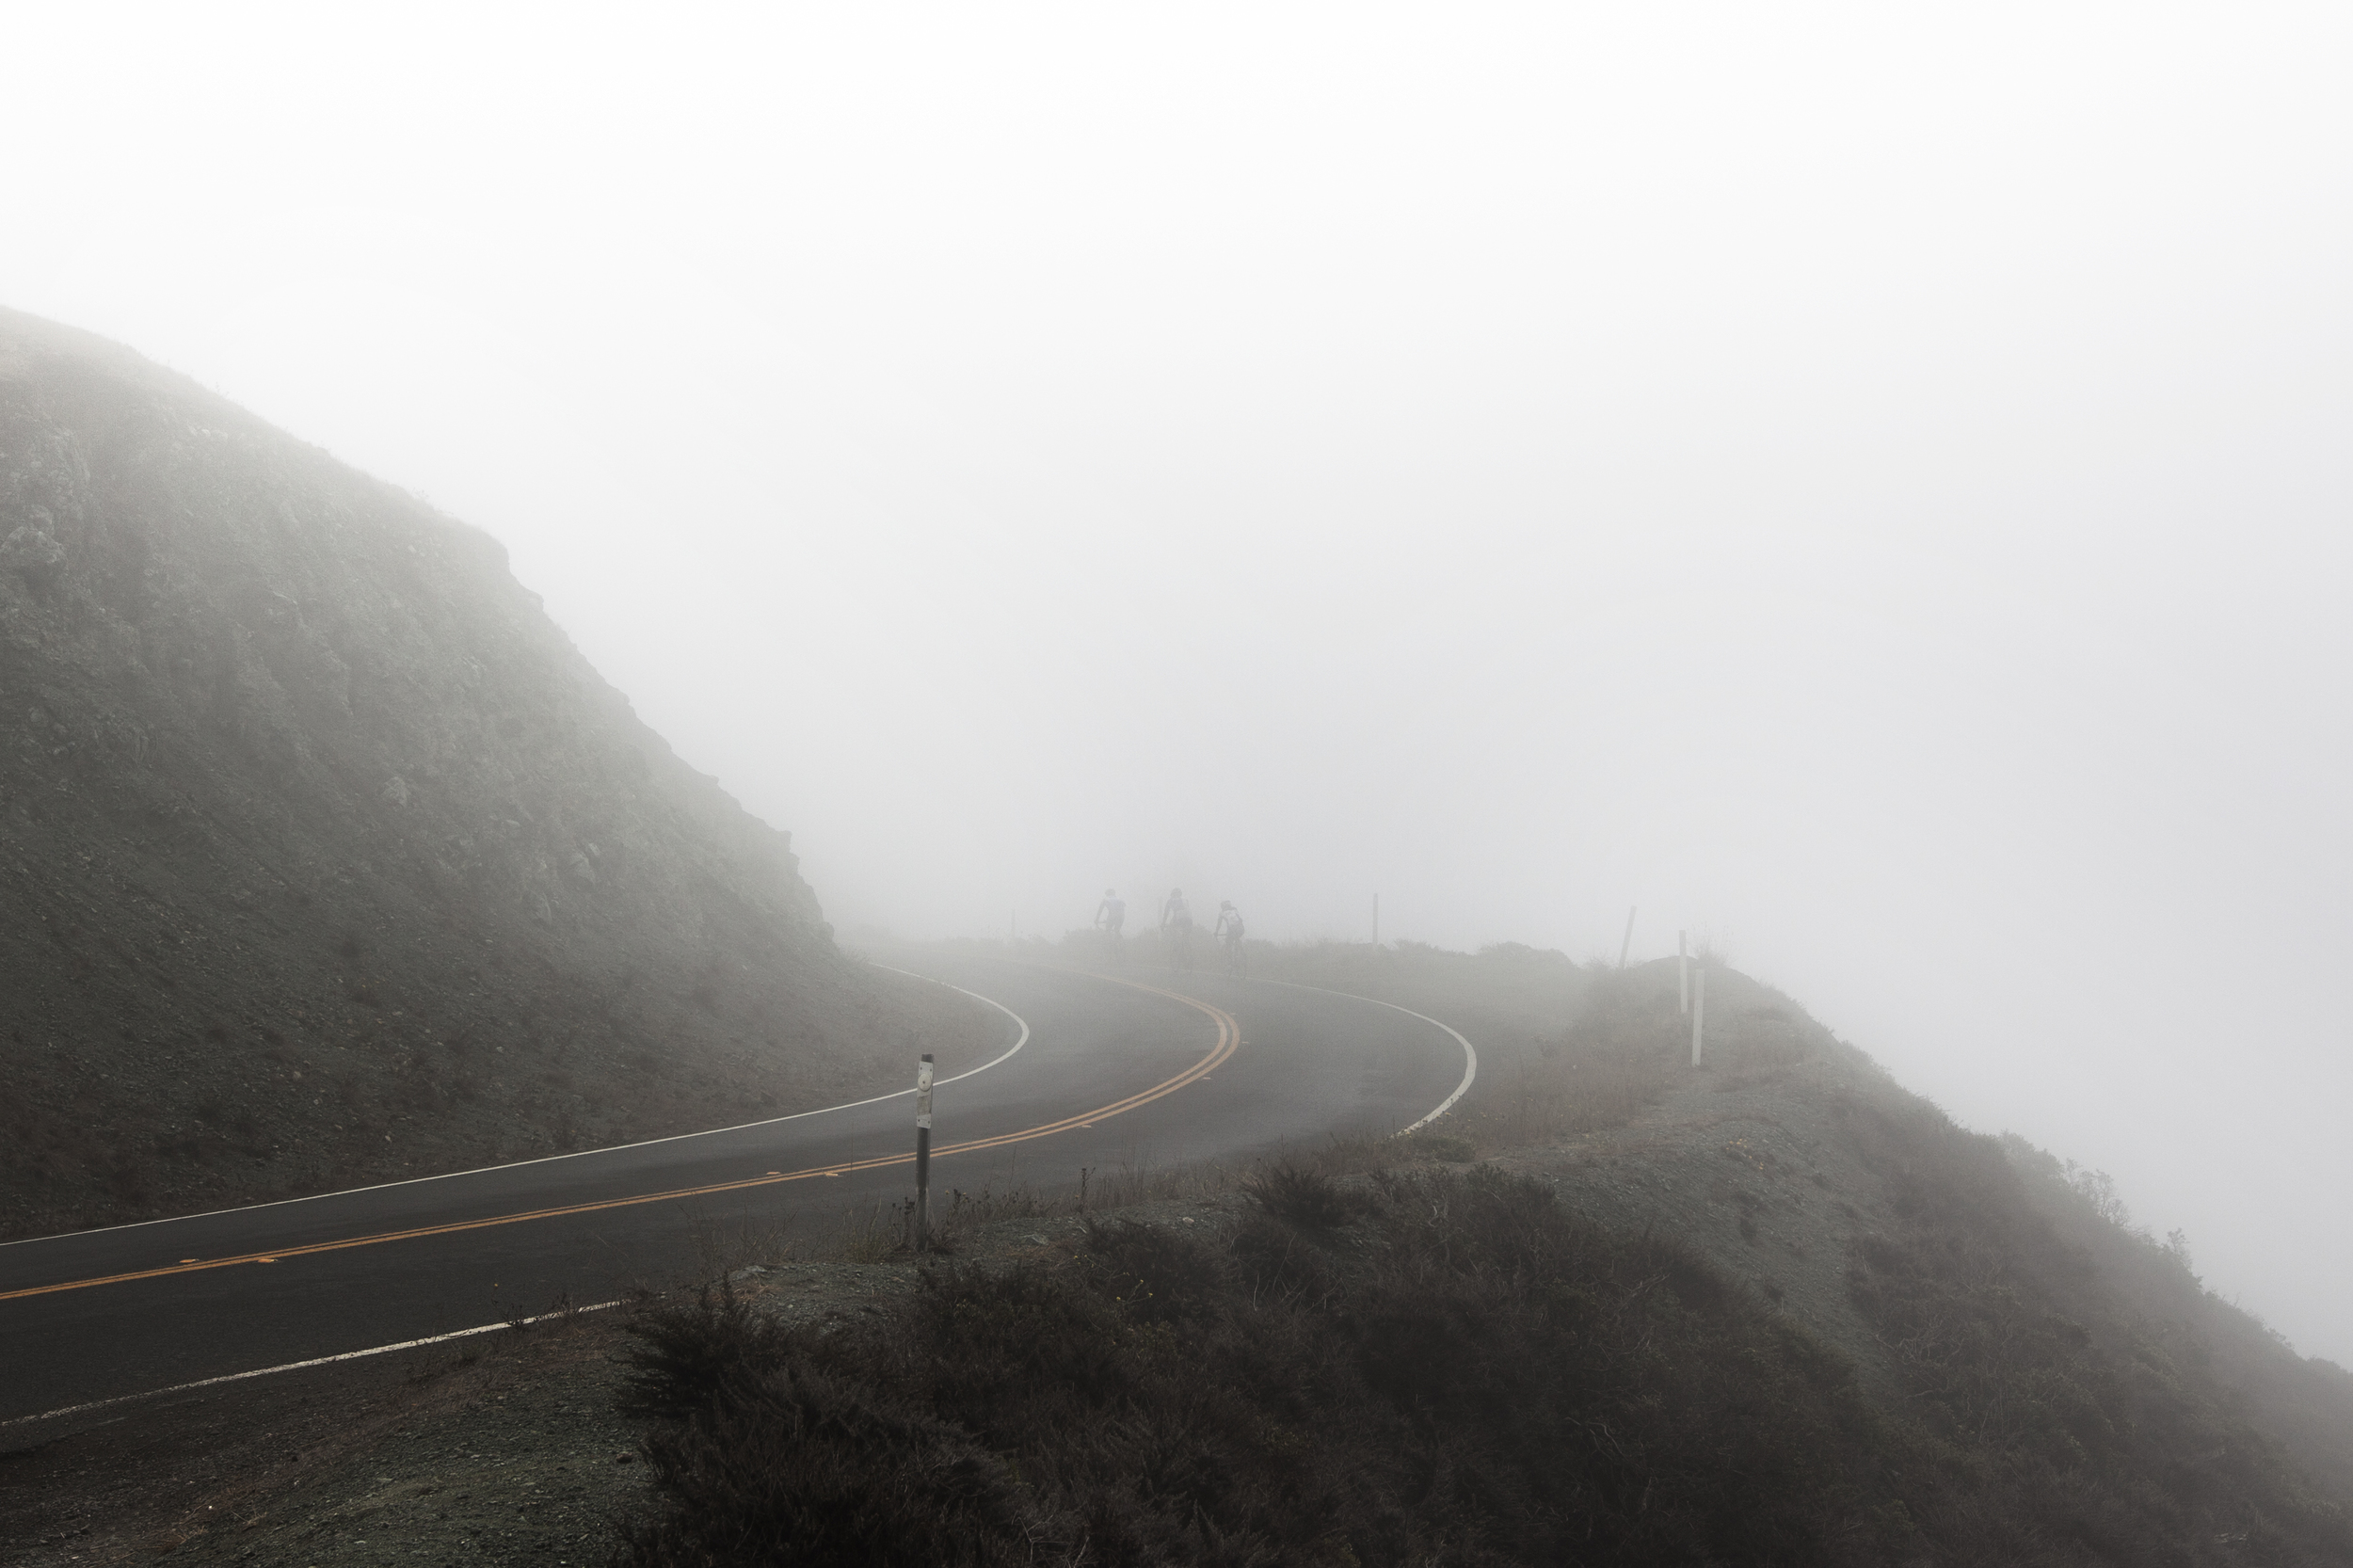 IMG_0198_fog_riders_crop.jpg